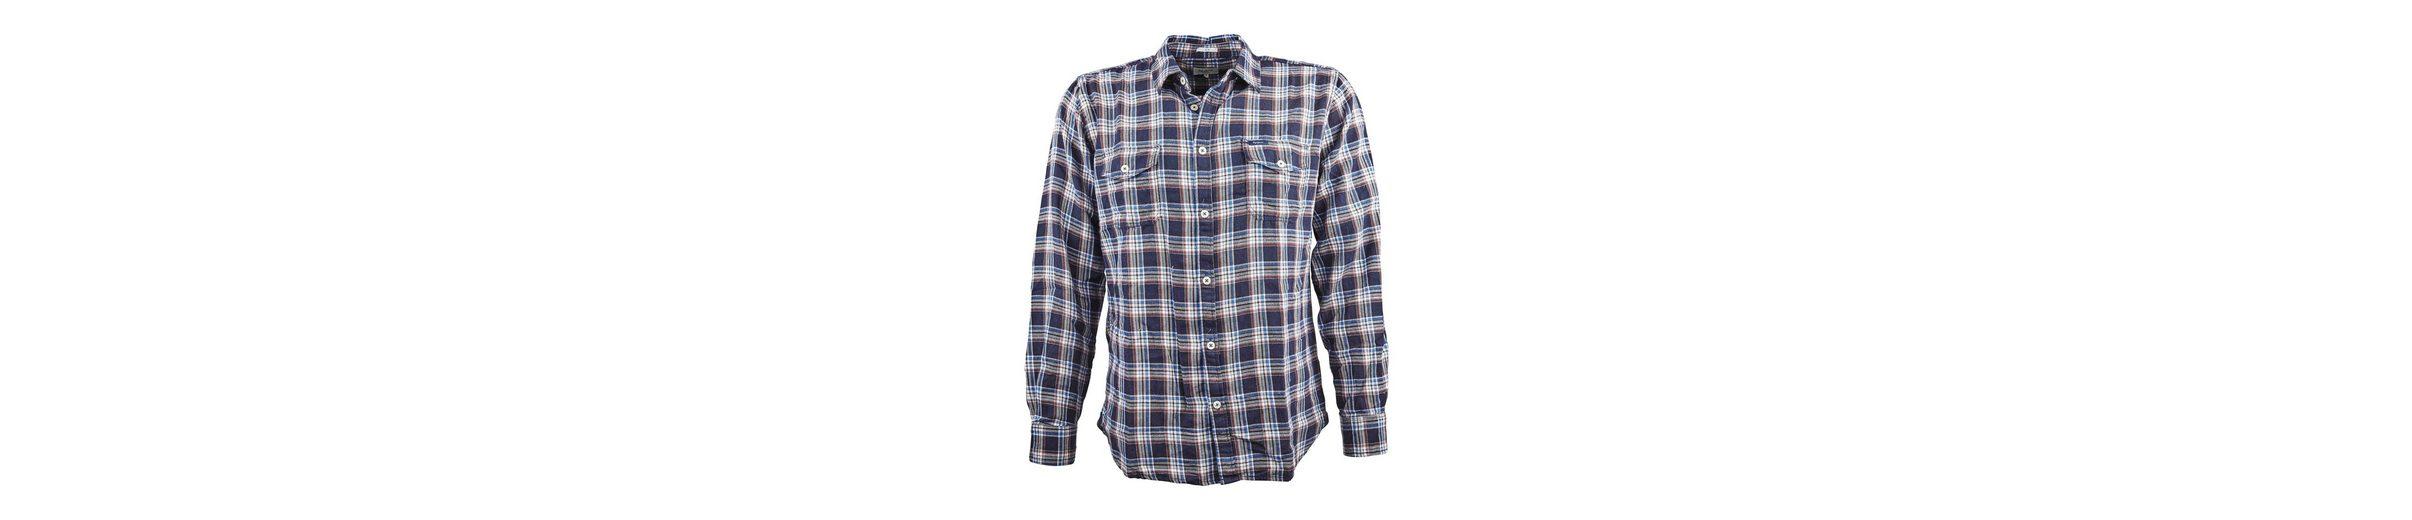 Pepe Jeans Hemd 'ARES' Hemd kariert Extrem Verkauf Online 8r1SB